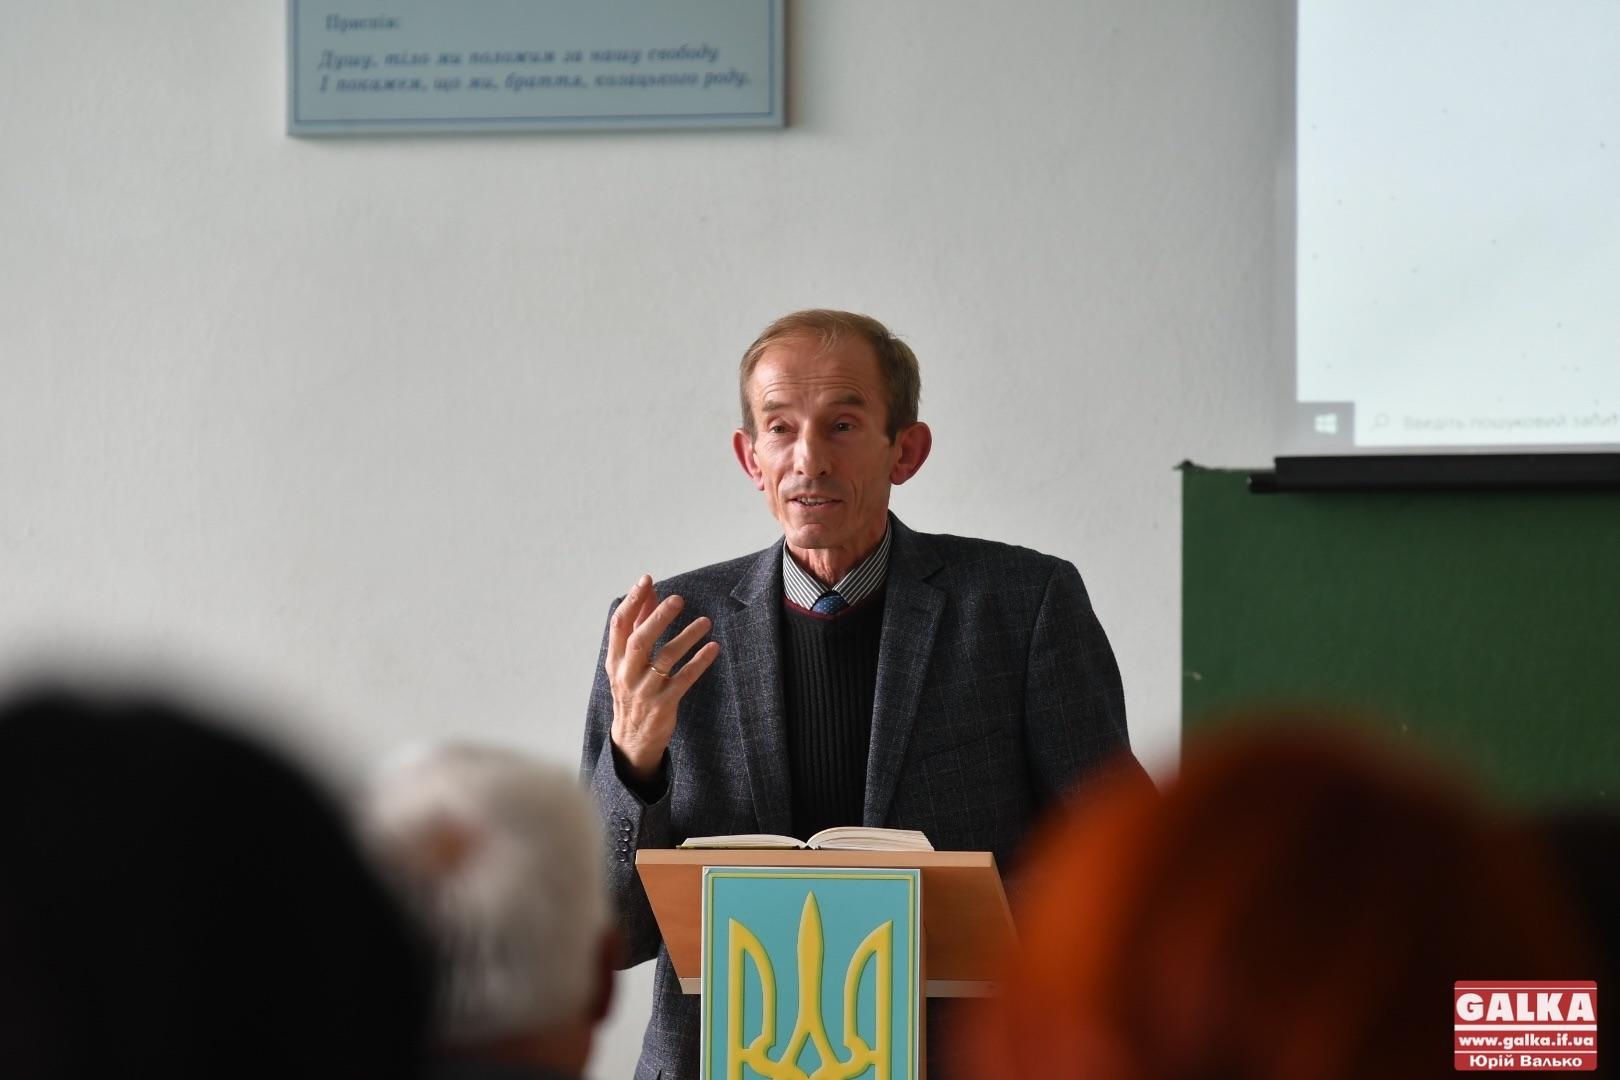 В Івано-Франківську директор ліцею видав книгу про Миколу Сабата (ФОТО)